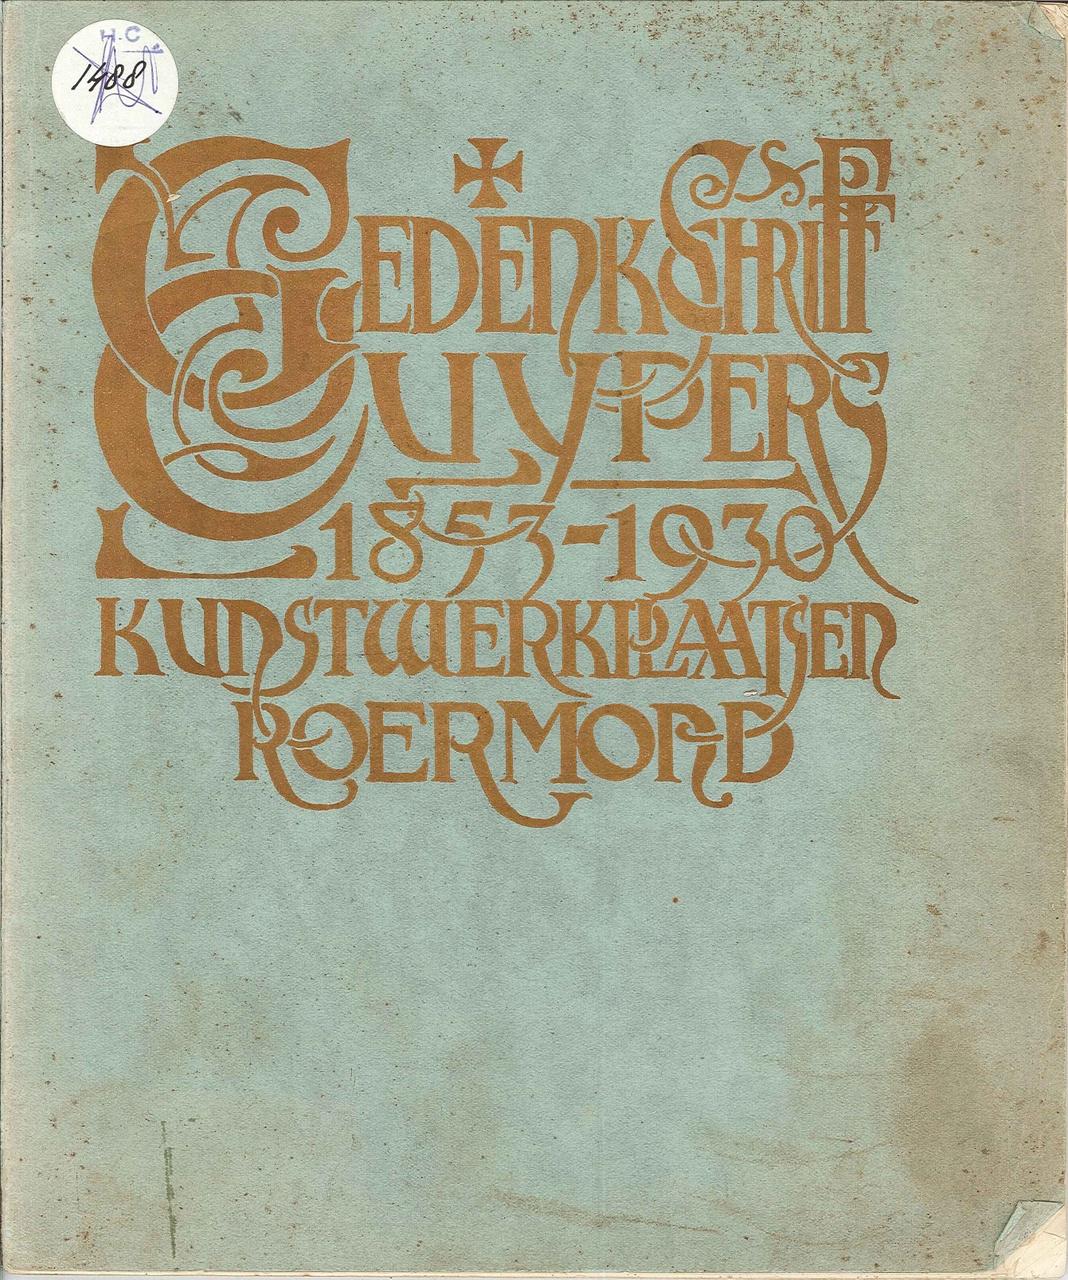 Gedenkschrift Cuypers' kunstwerkplaatsen Roermond 1853-1930